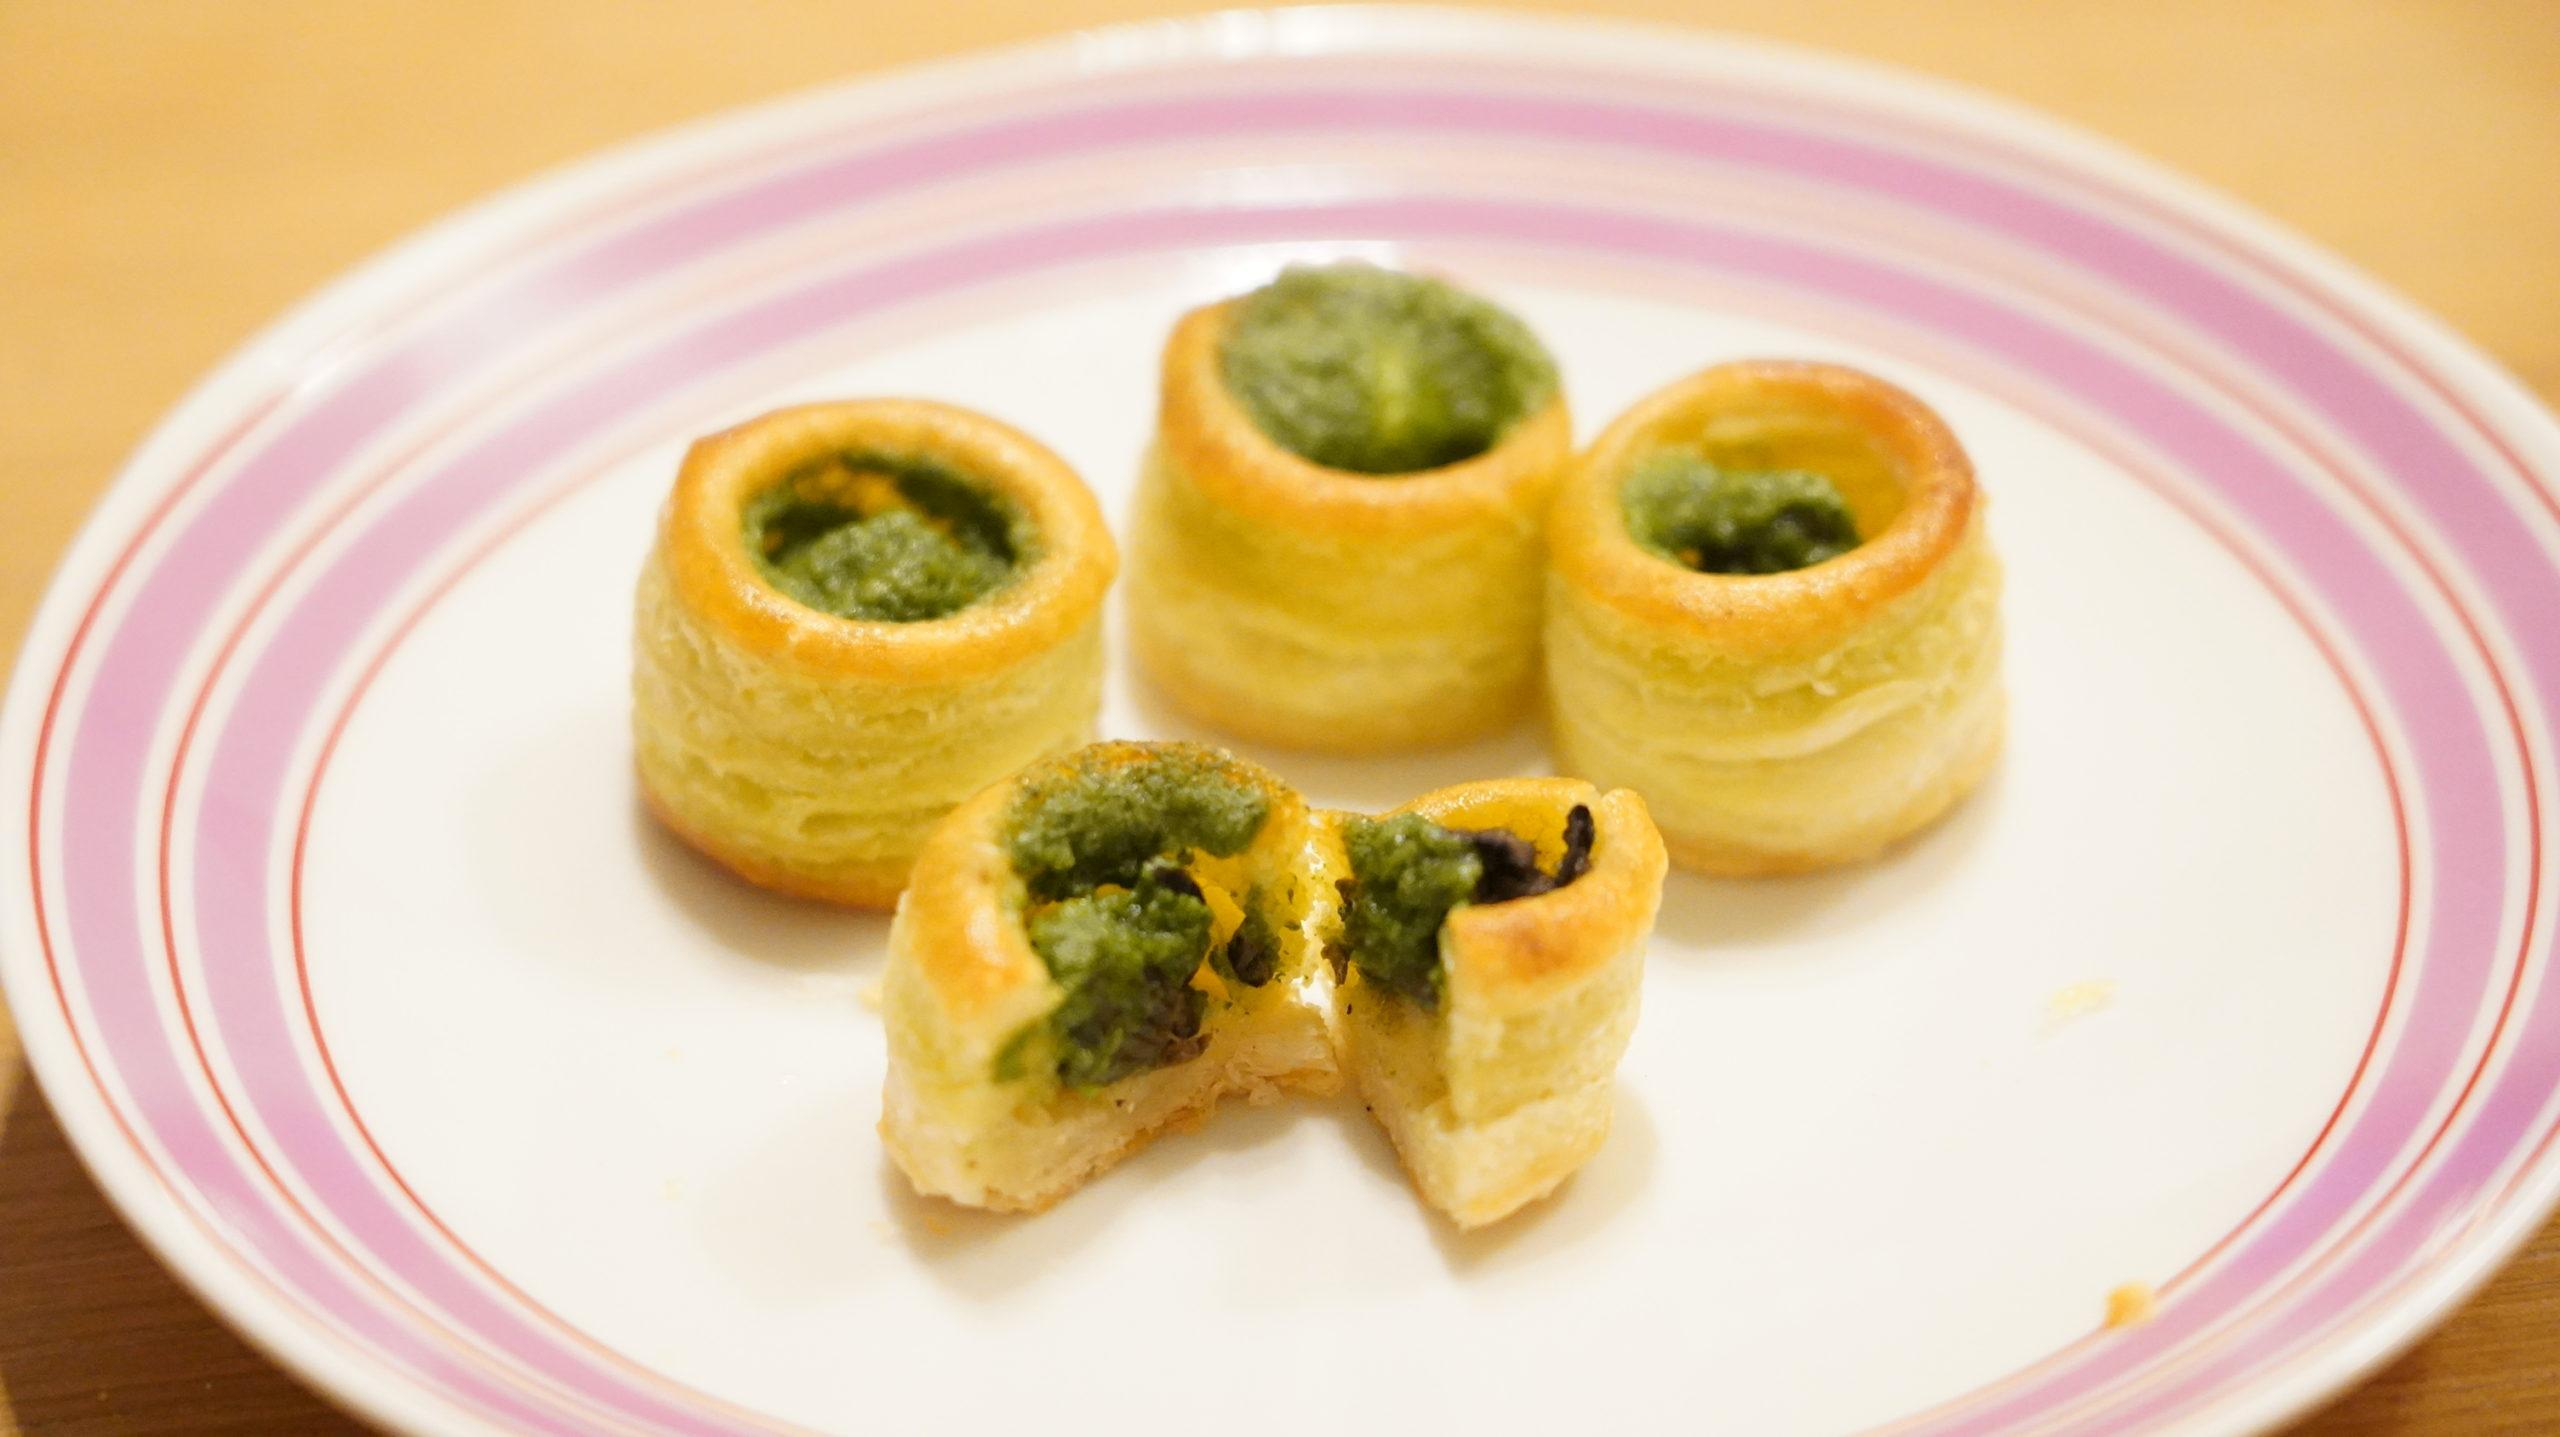 ピカールの冷凍食品「エスカルゴのミニパイ」の断面の写真